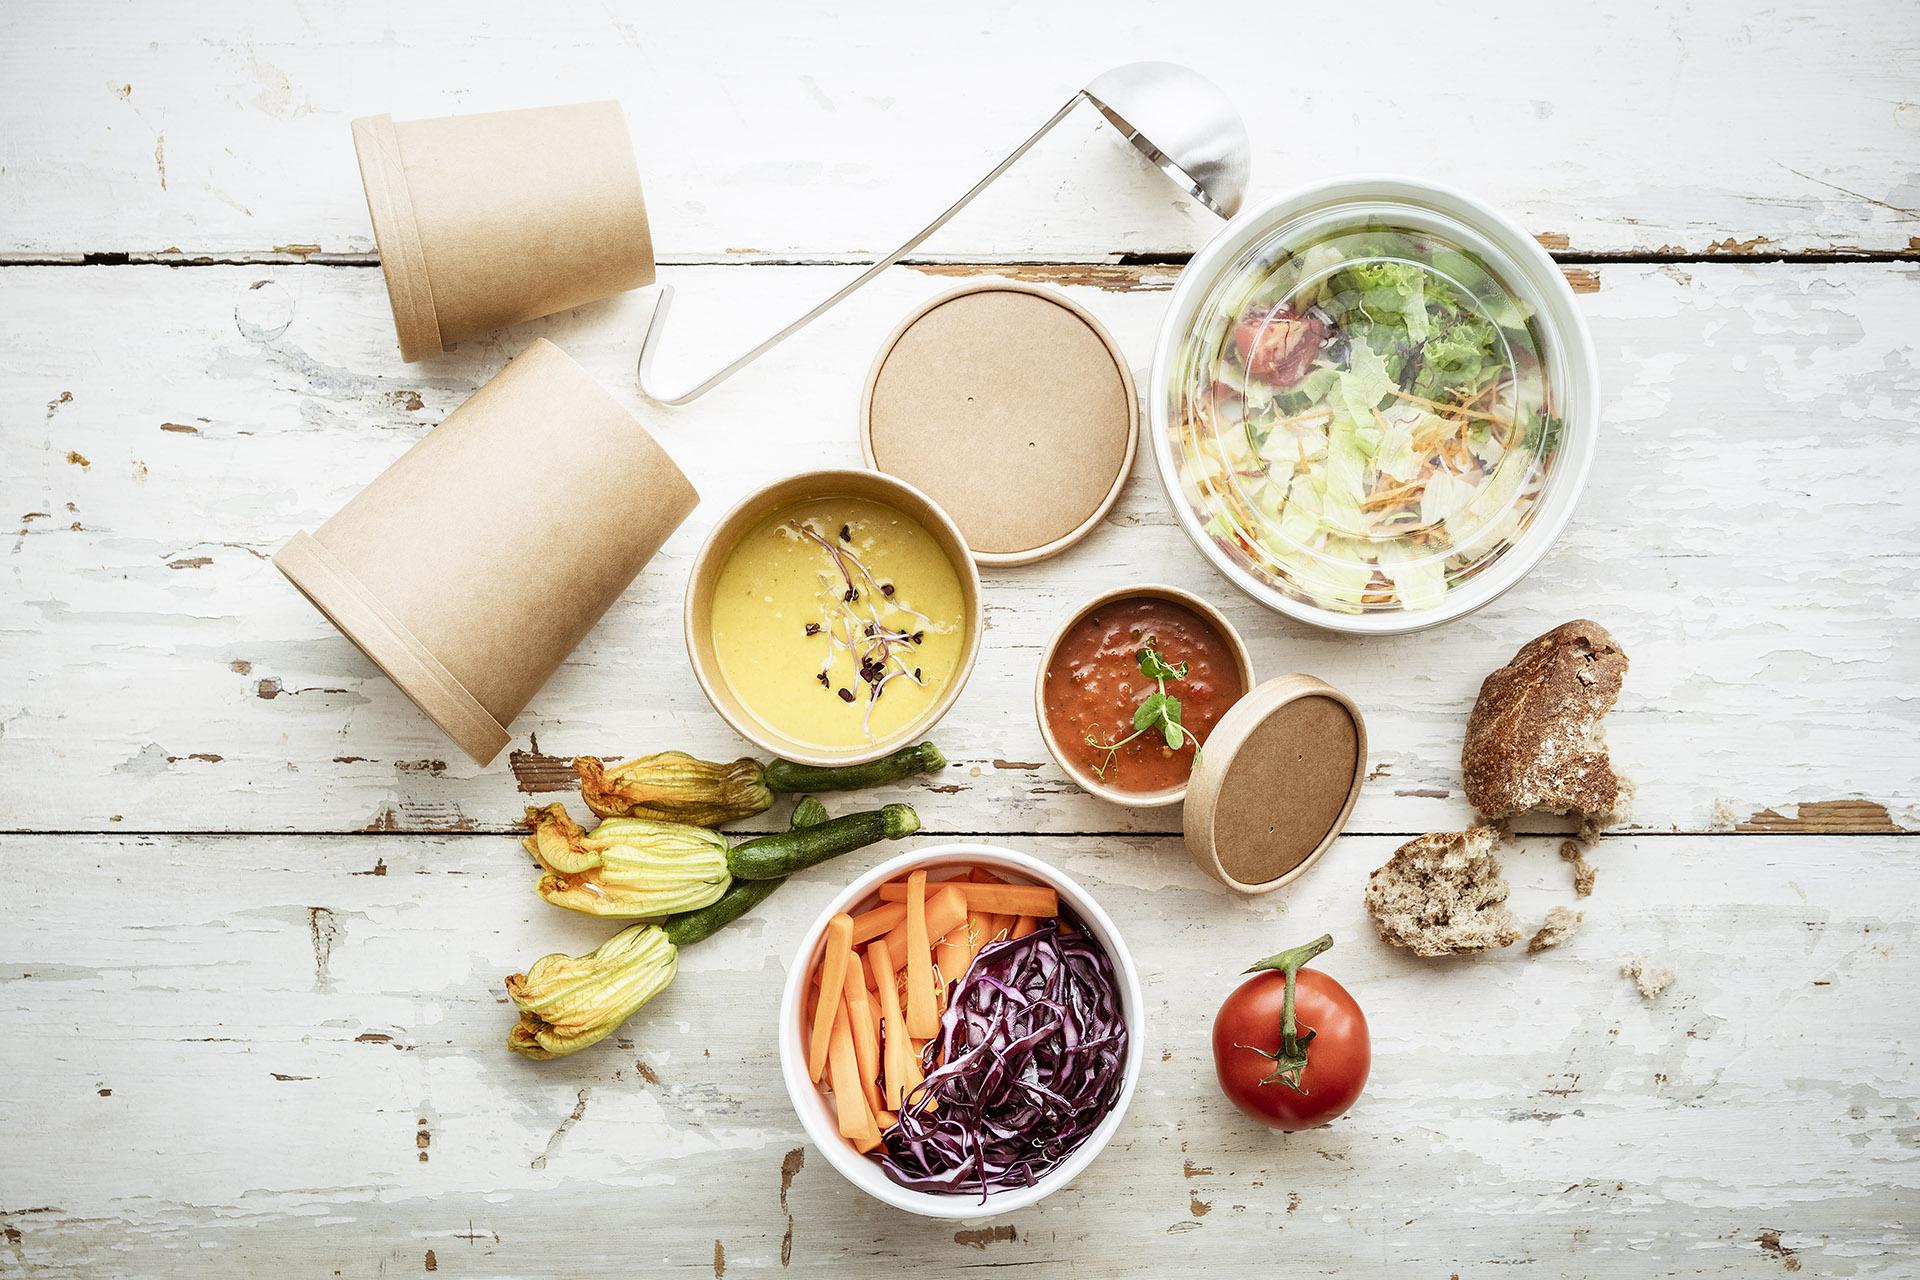 Fotowerk Foodfotografie - Verpackungen für Salat und Suppen